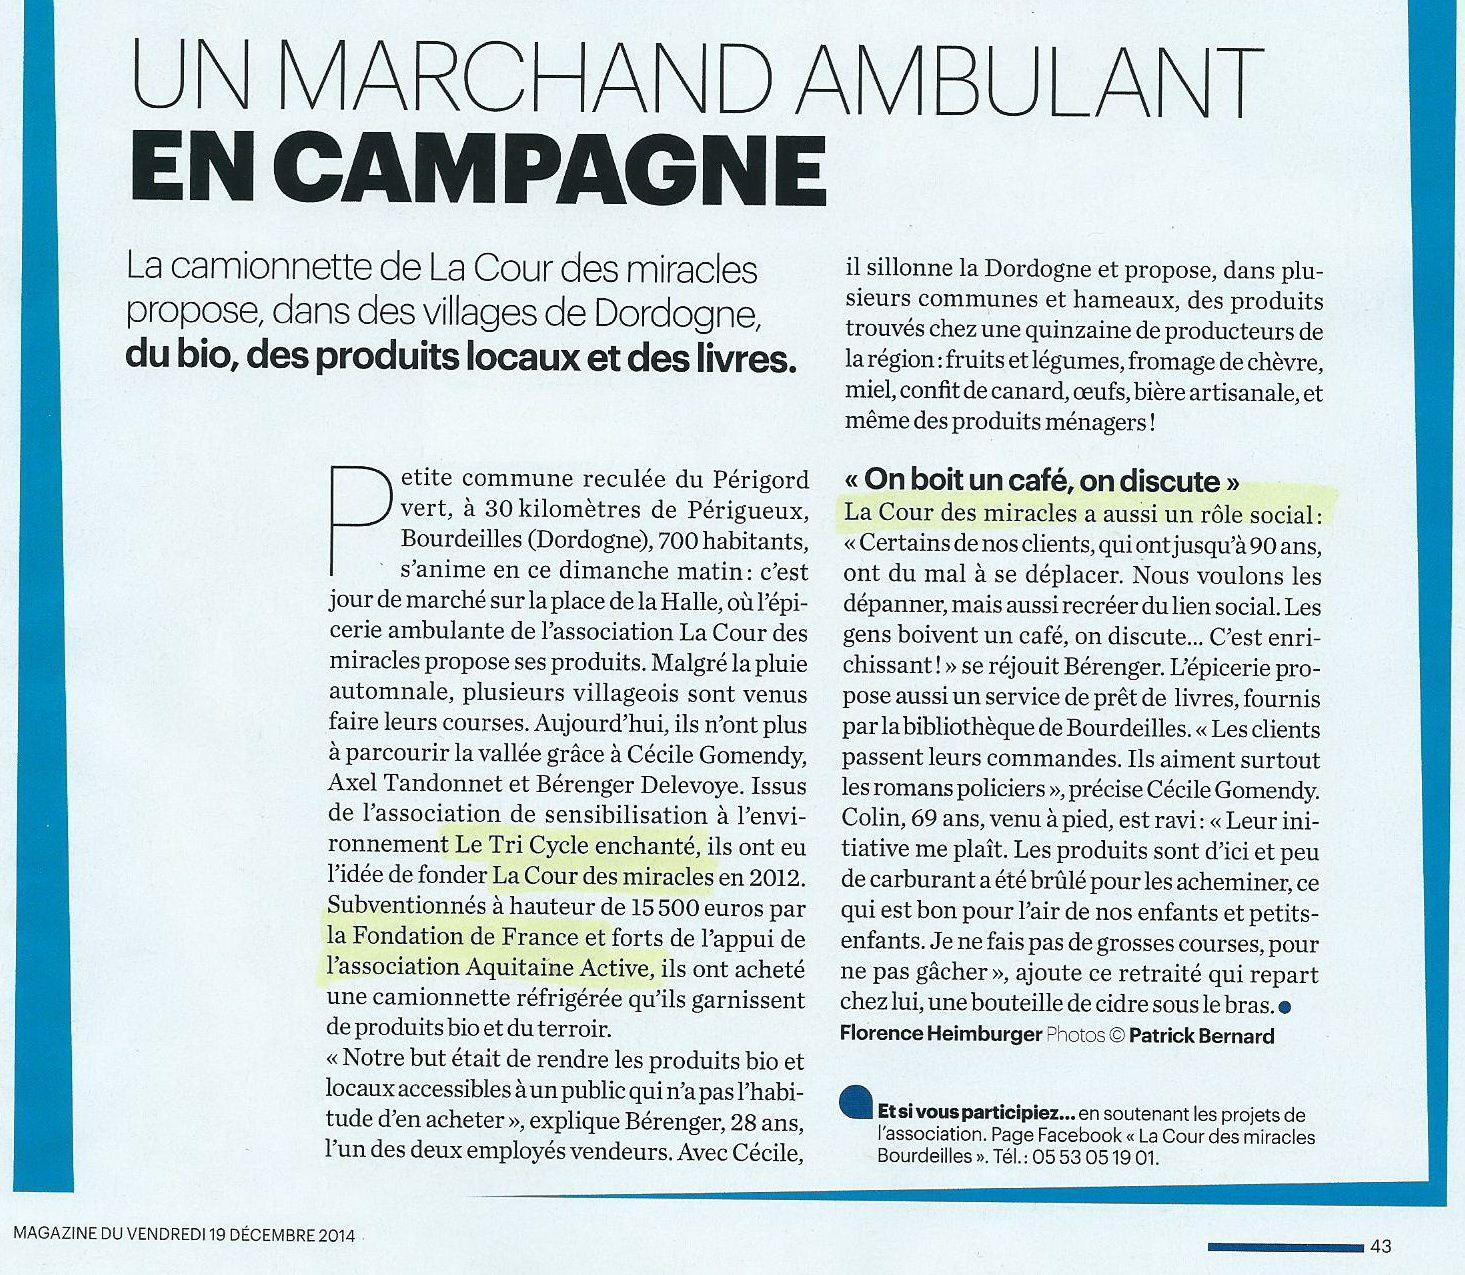 Page extraite du Parisien Magazine du 19 décembre 2014